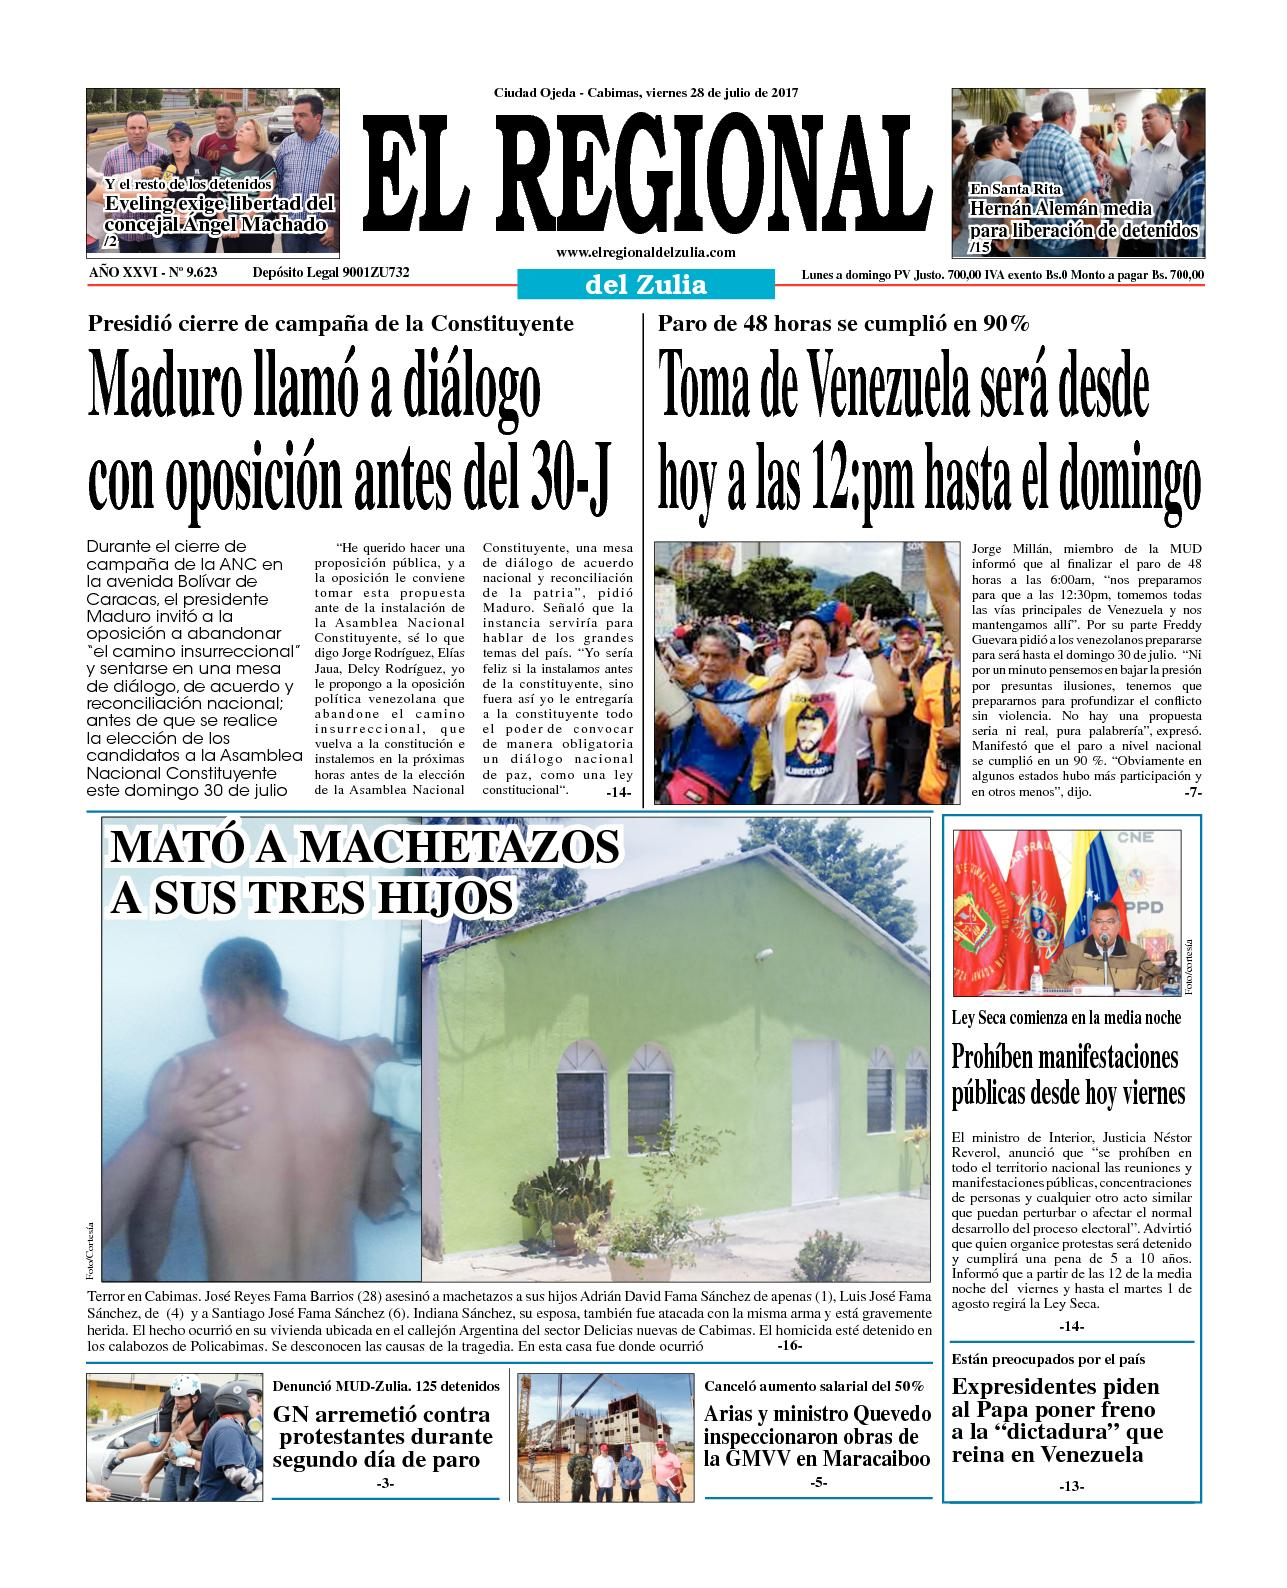 El regional del zulia 28-07-2017